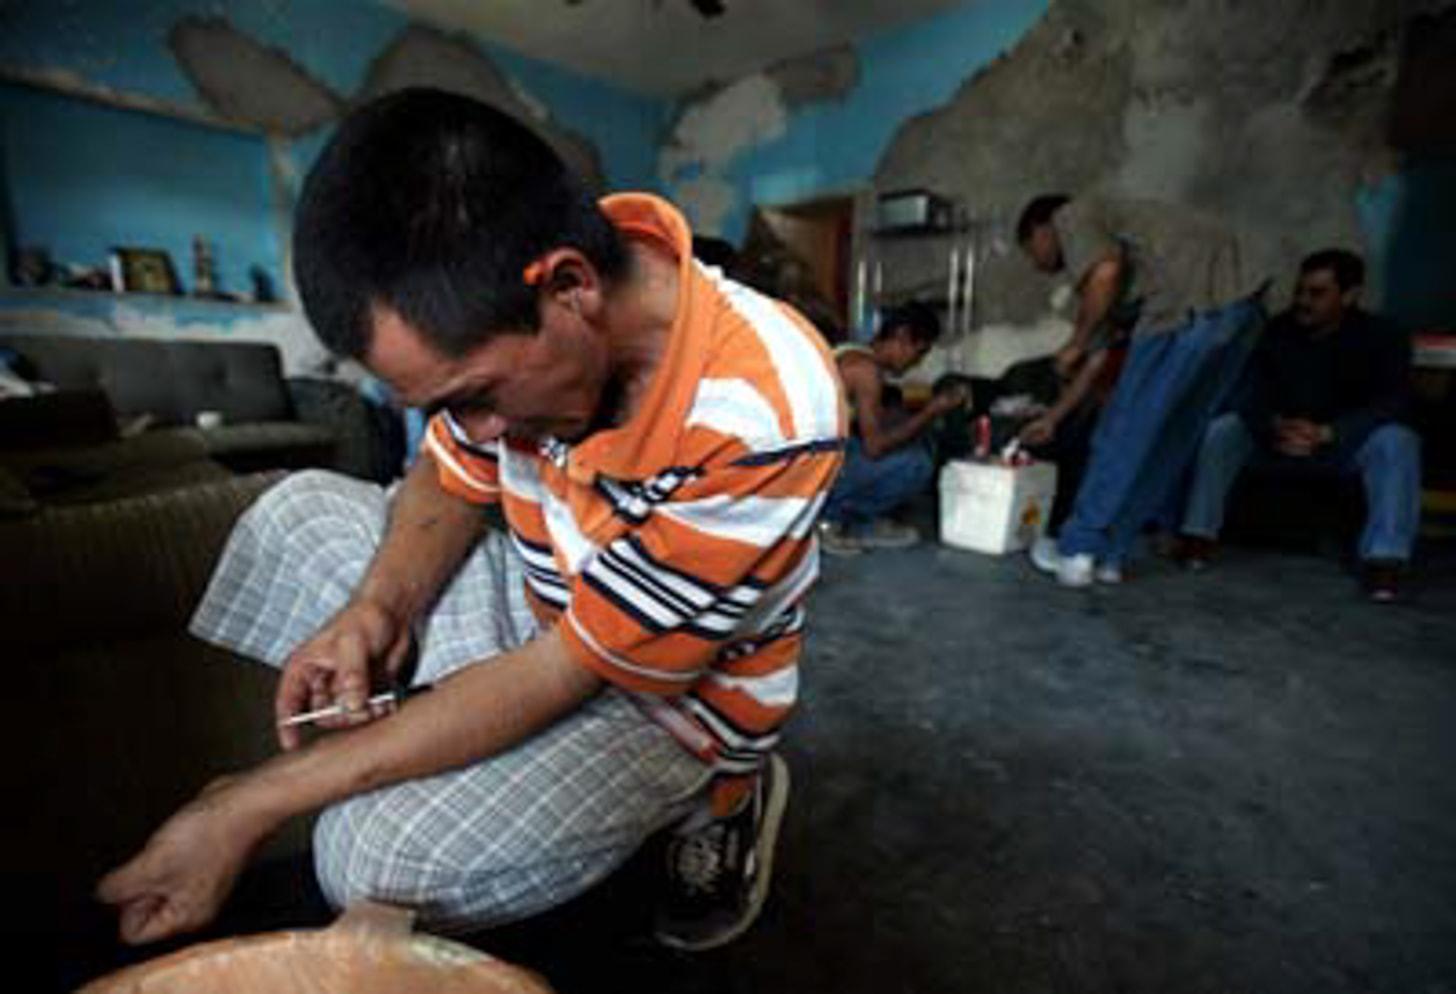 Los picaderos de Juárez, por Germán Canseco